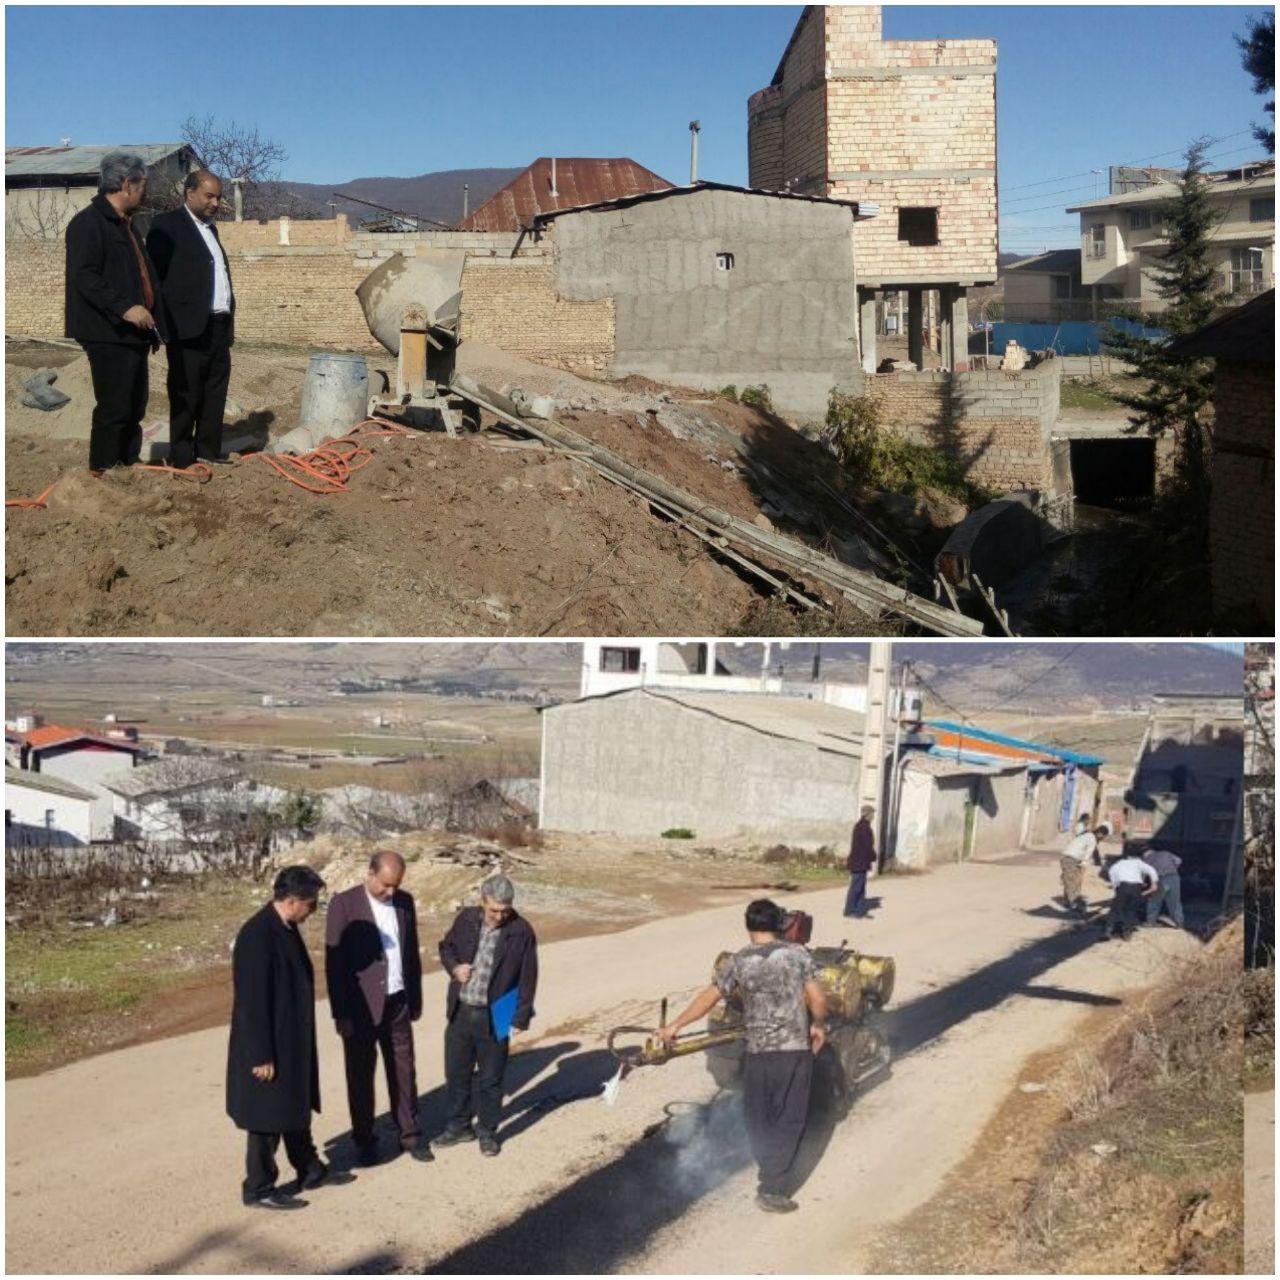 افزایش ۱۲۰ درصدی اعتبار عمرانی شهرداری کیاسر/ادامه عملیات اجرایی پروژه های عمرانی